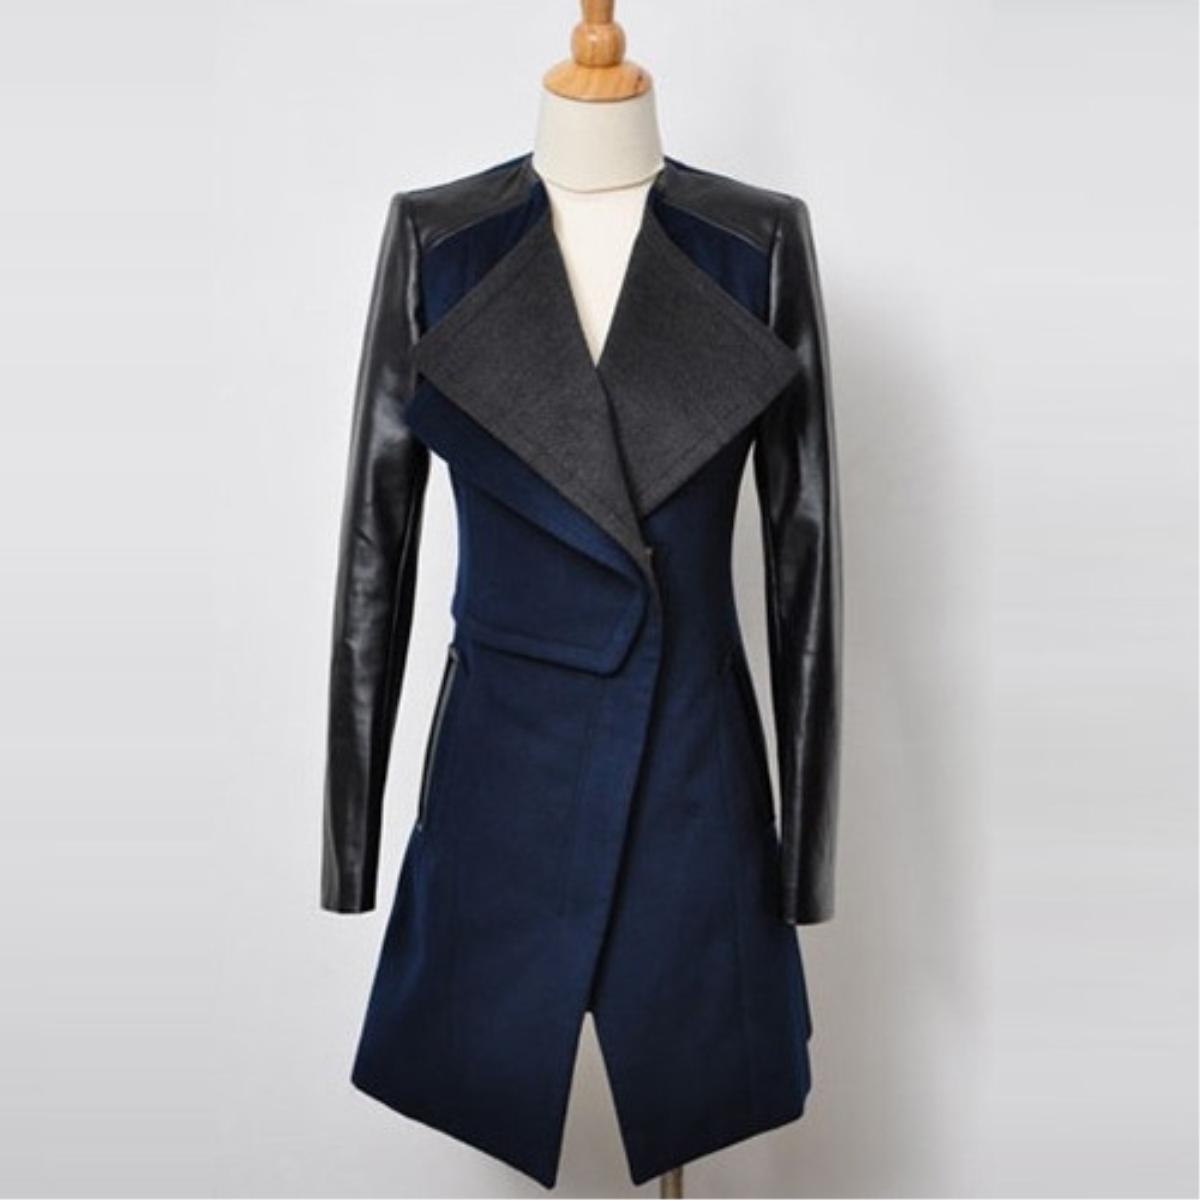 Lapel Split Joint Slim Woolen Coat,Cheap in Wendybox.com